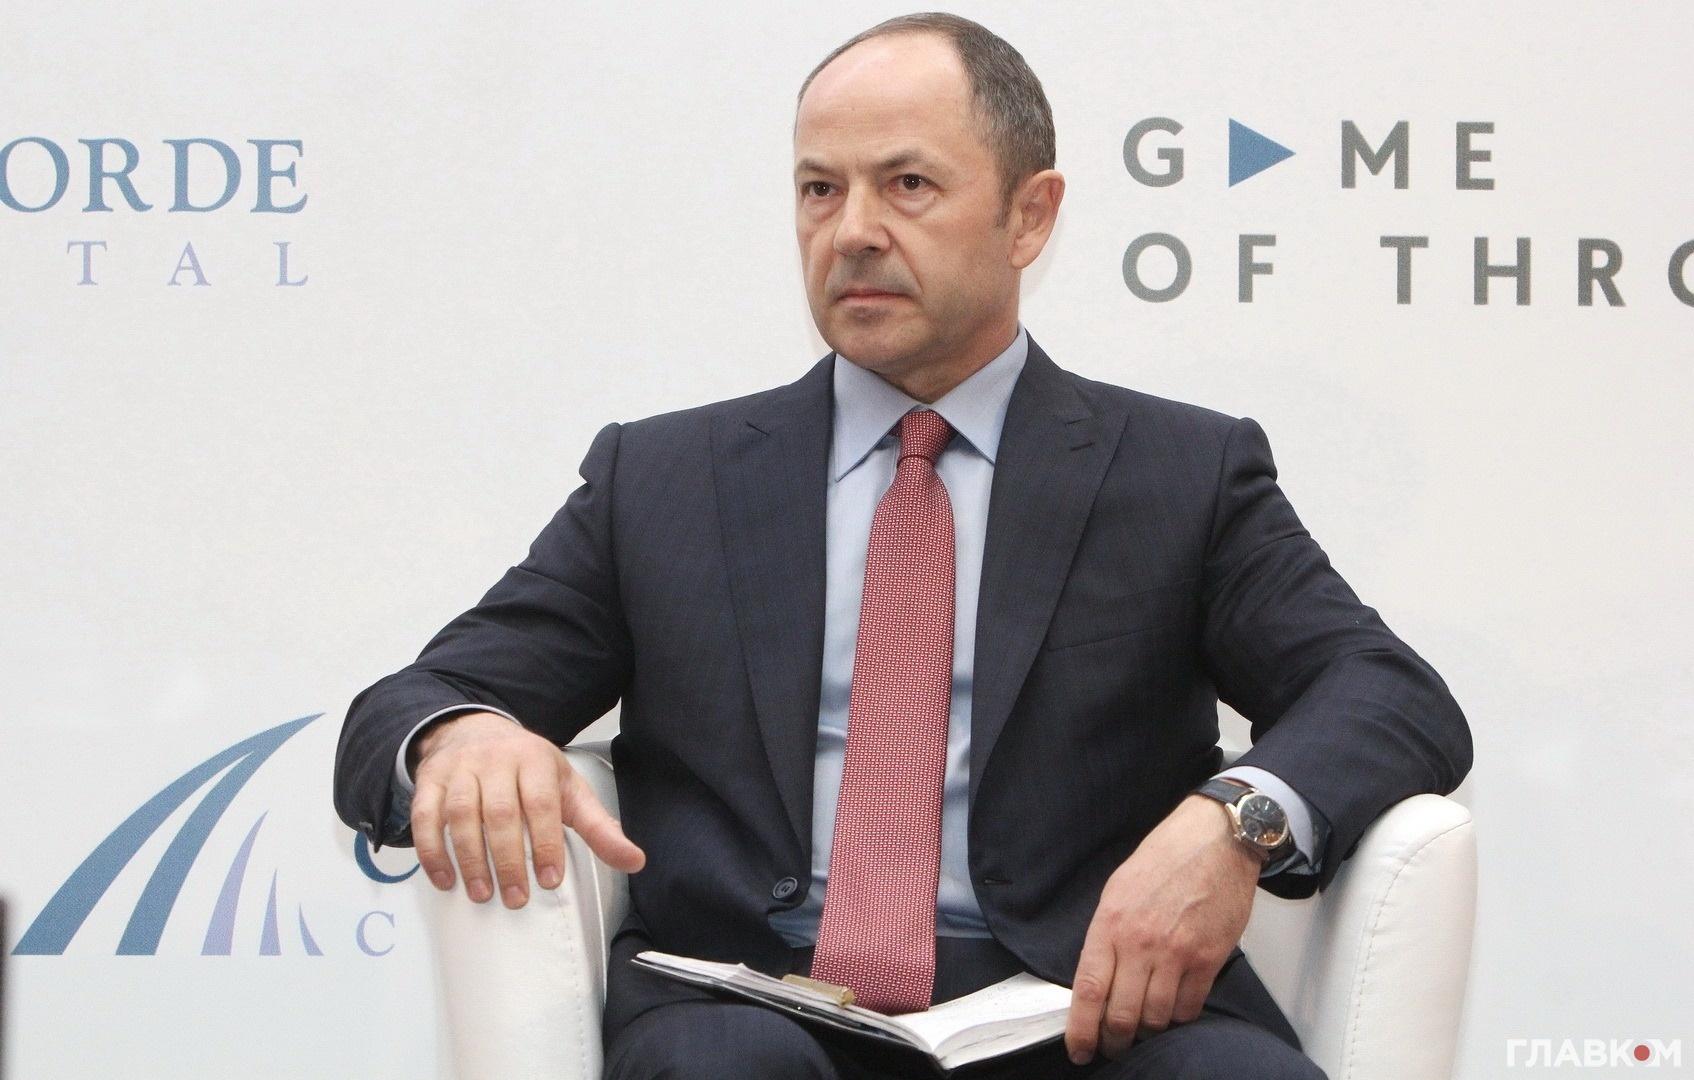 Сергій Тигипко заявив, що користується нинішньою ситуацією і активно скупляє активи в різних галузях